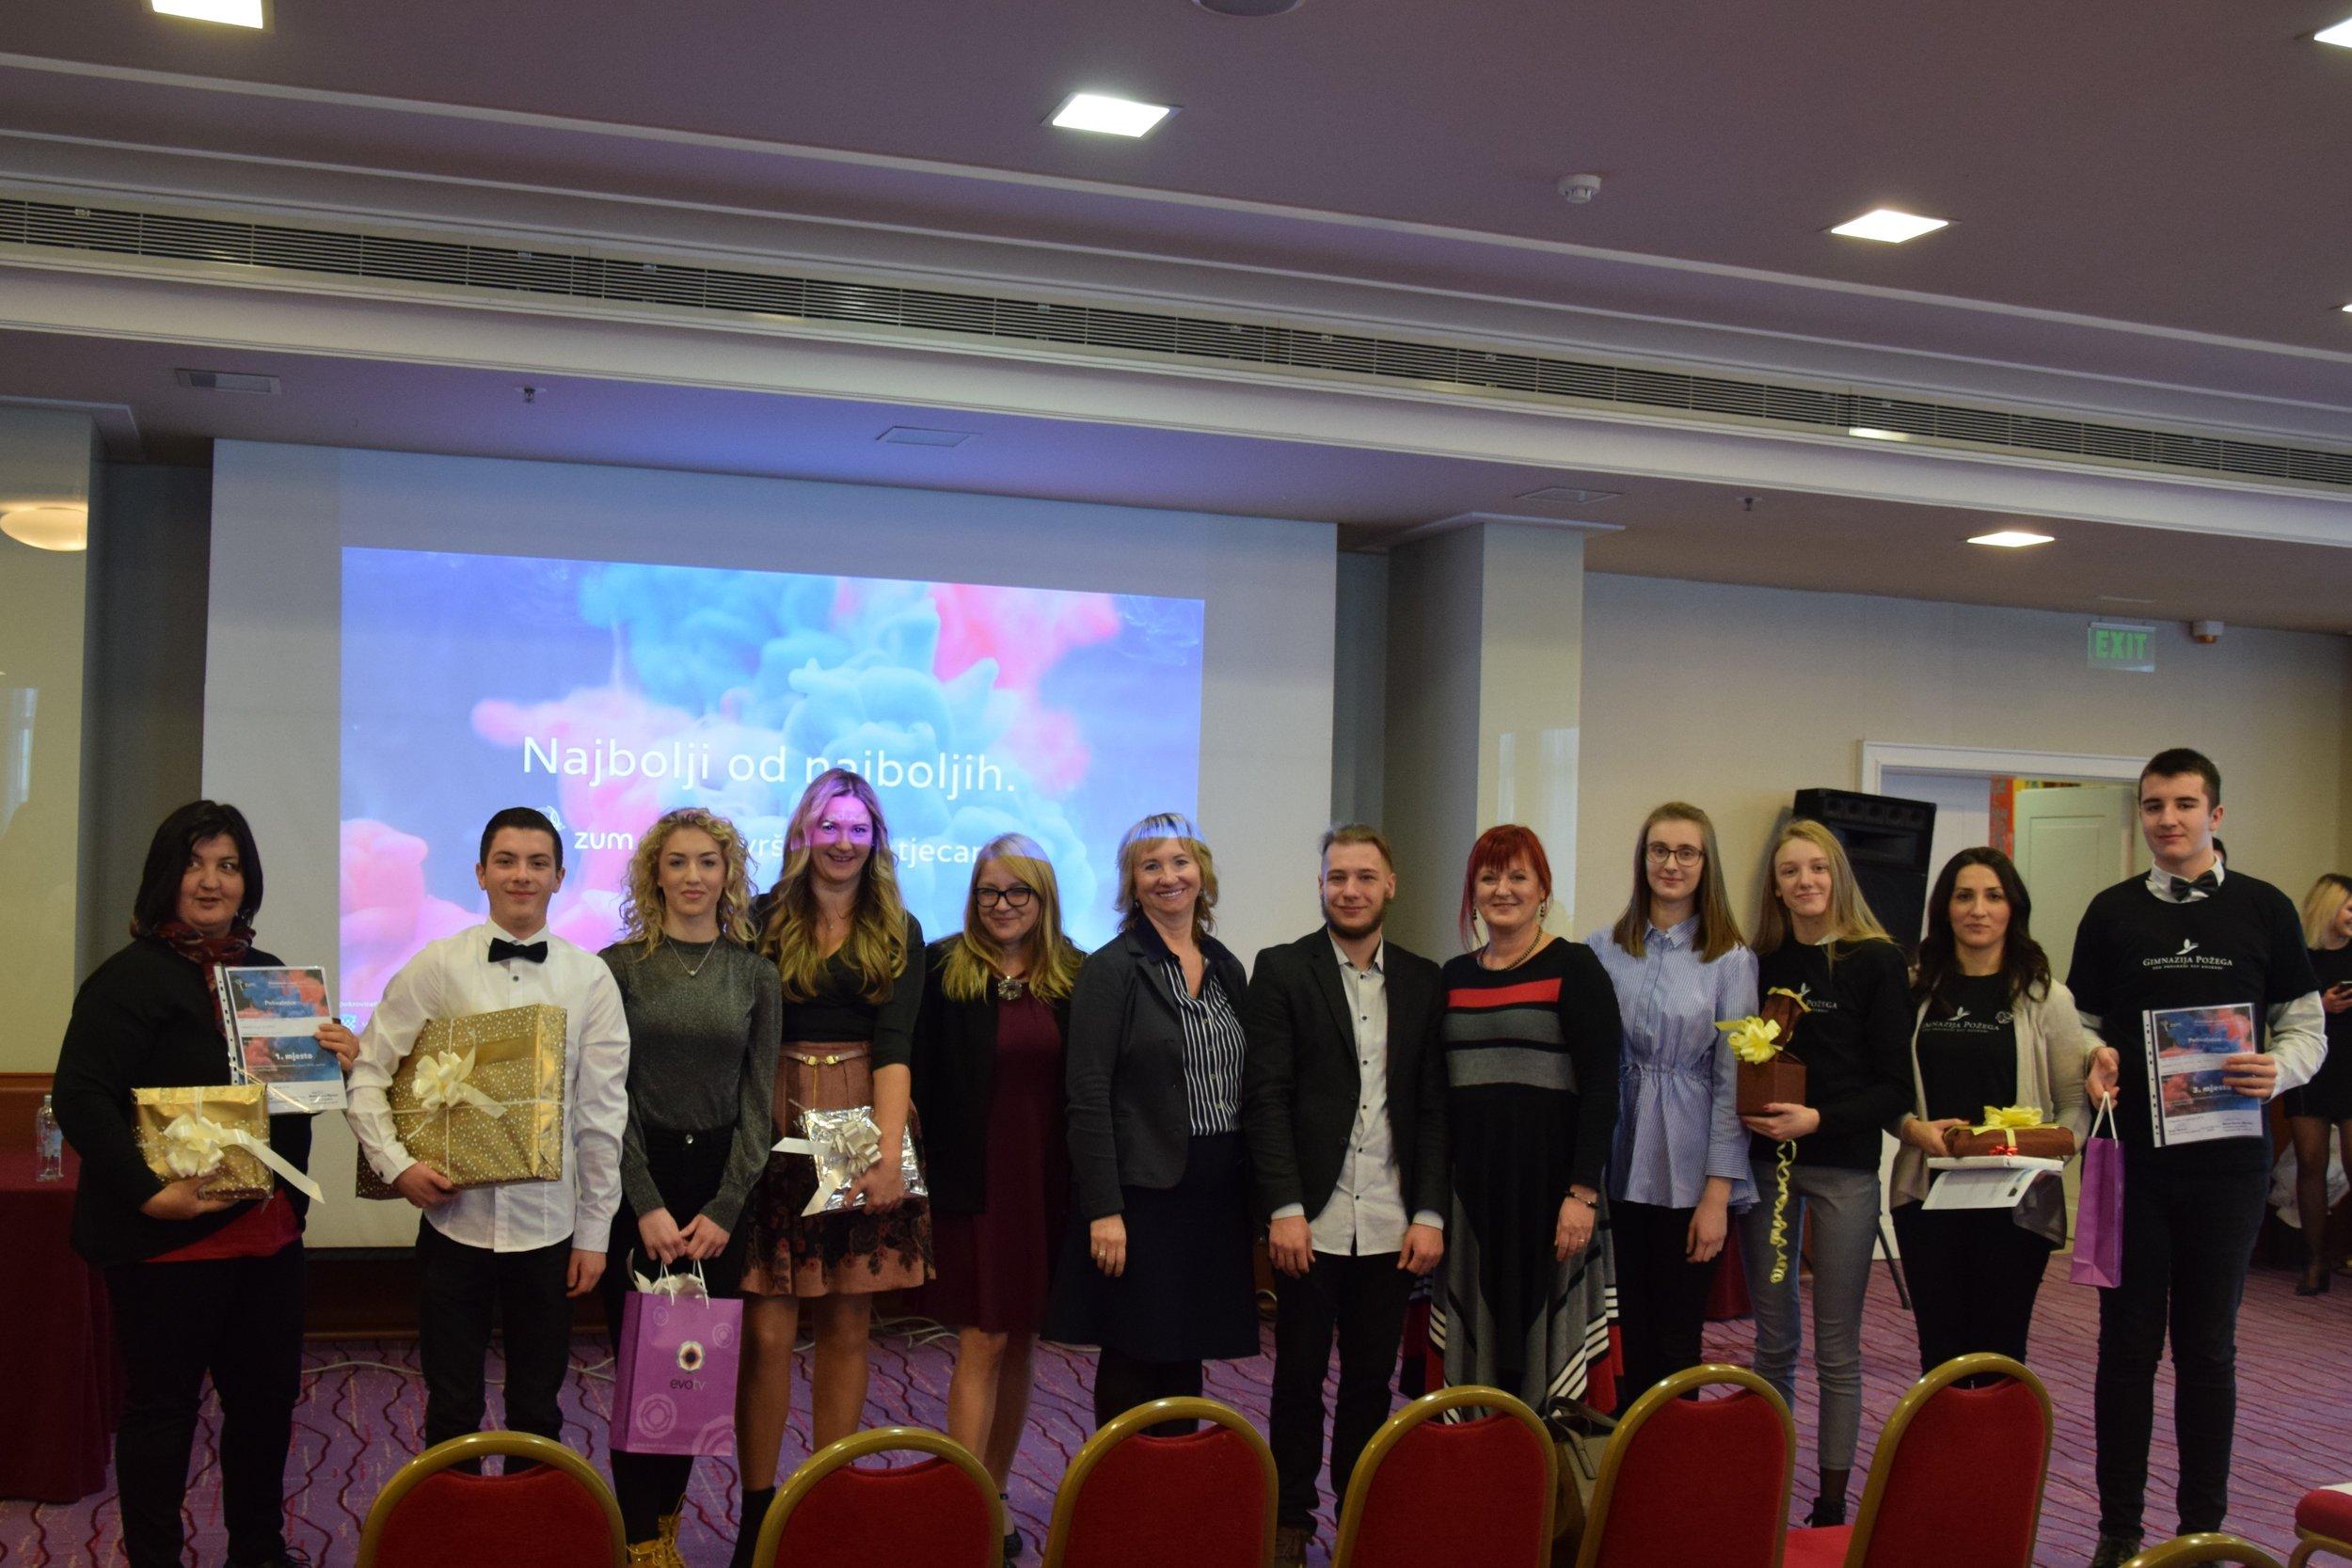 Nagrađeni radovi s mentorima voditeljem projektom organizatorom i žirijem.jpg